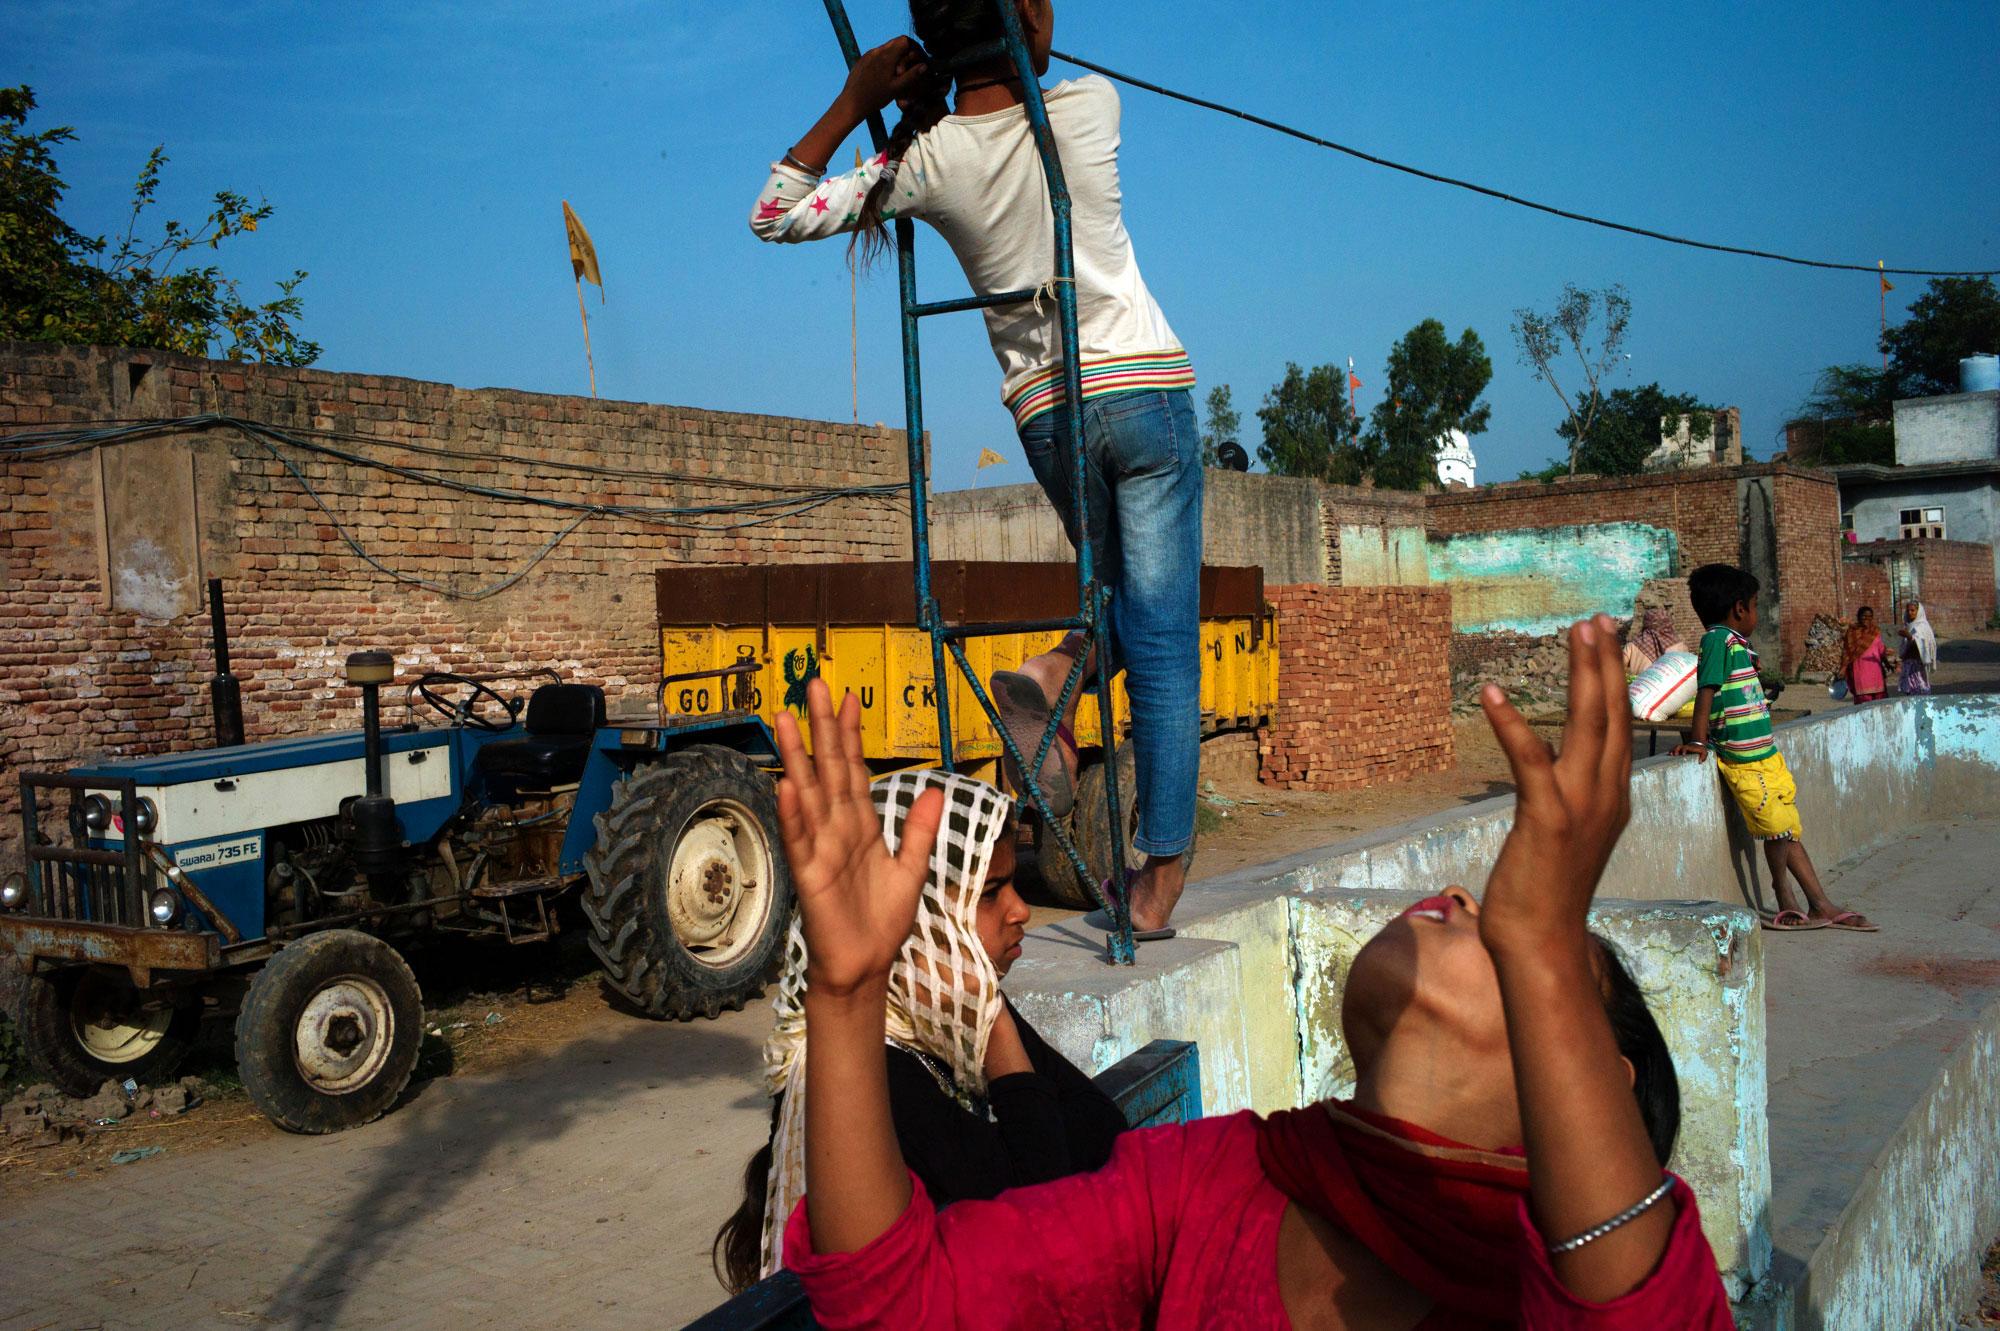 India, Punjab, 2017